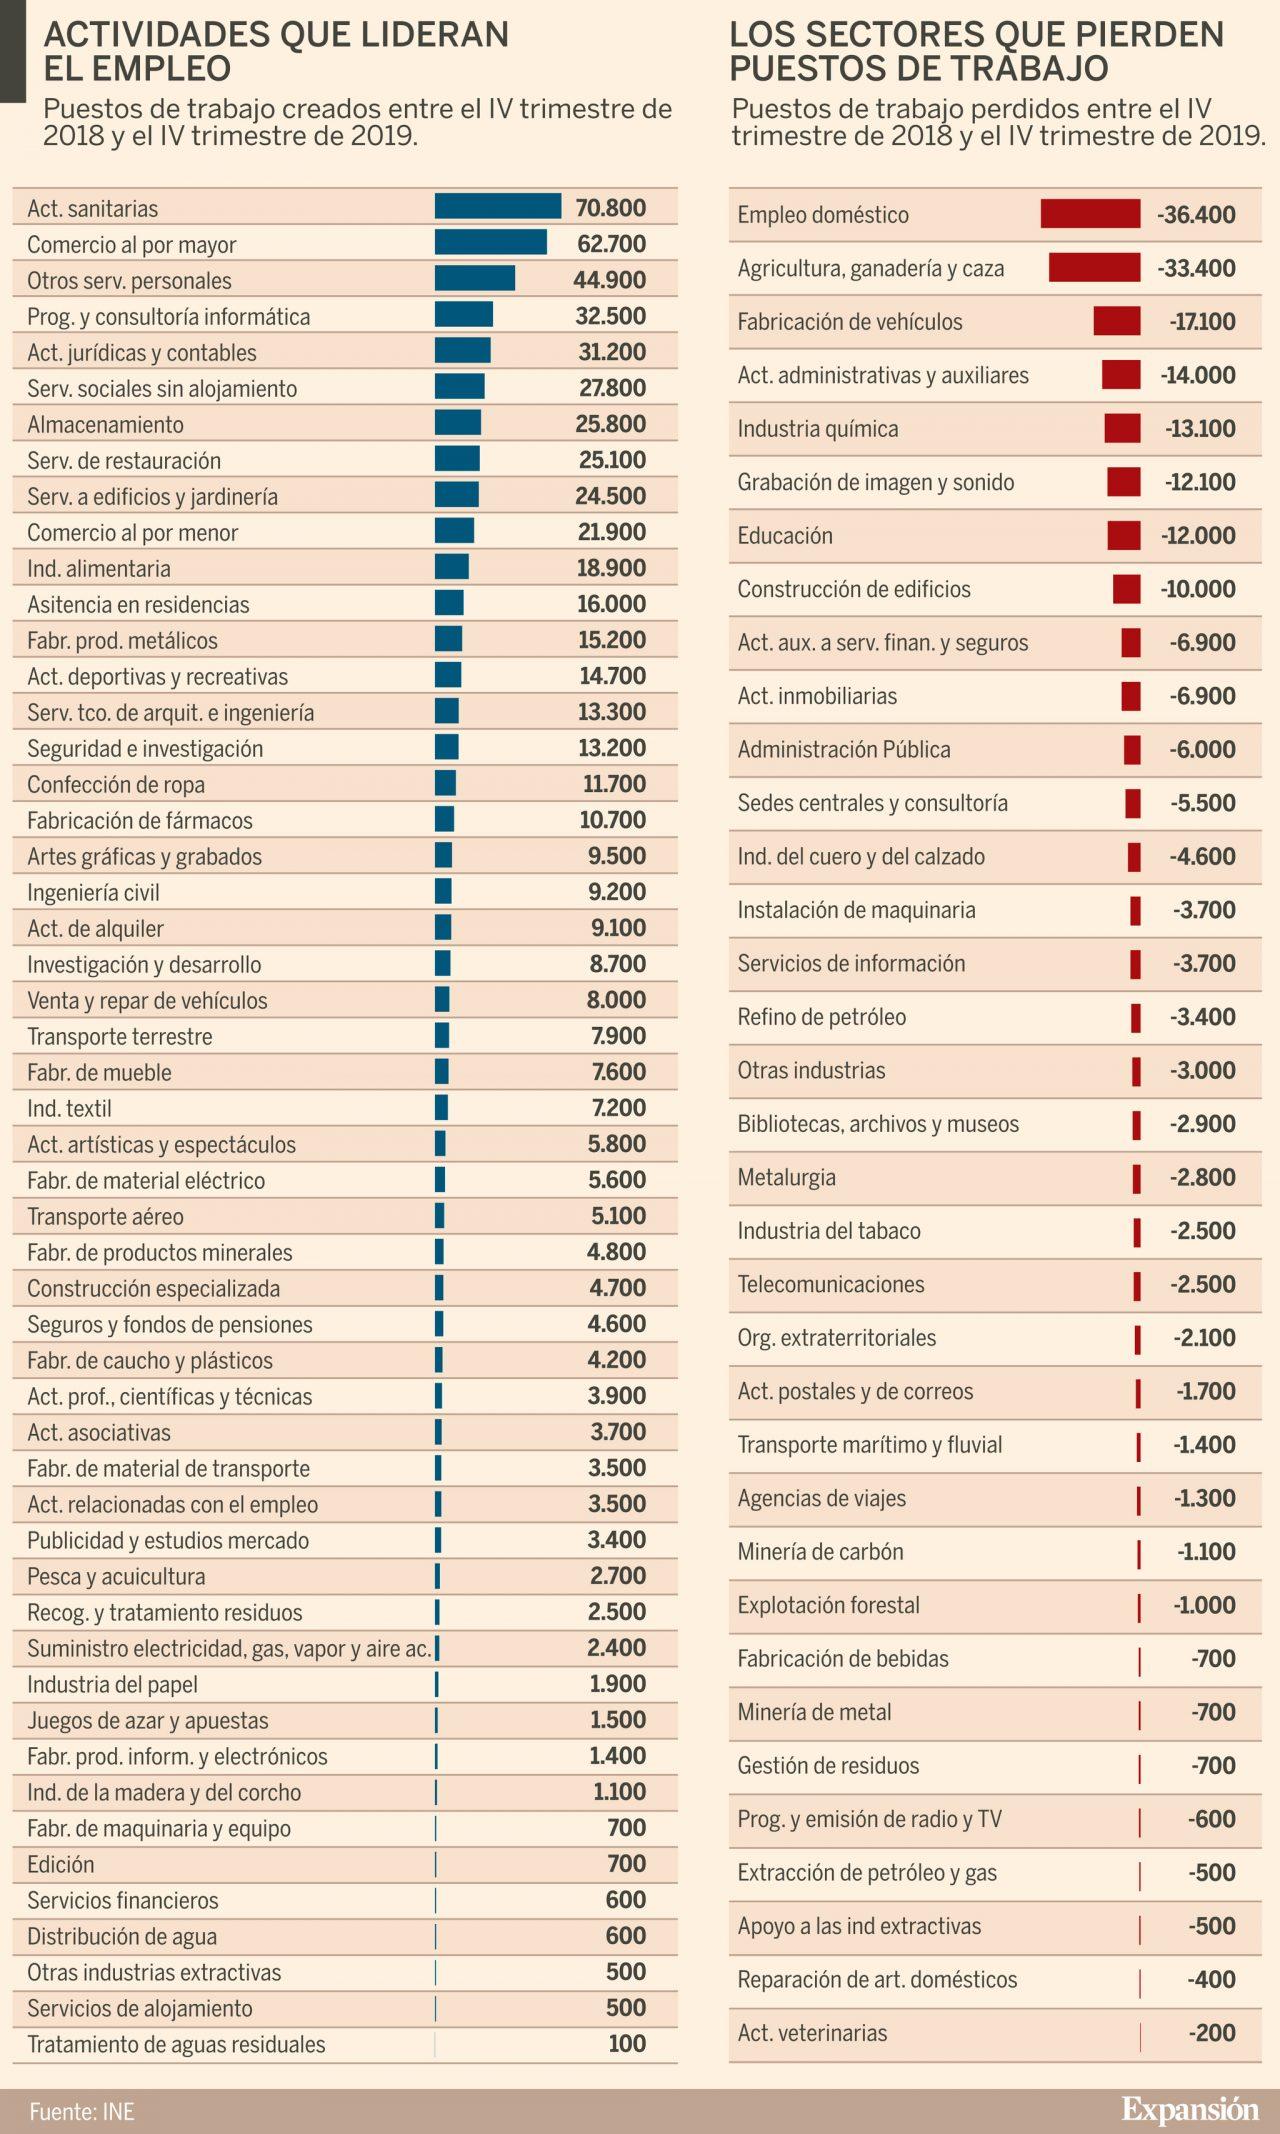 Enero destruye 244.000 empleos